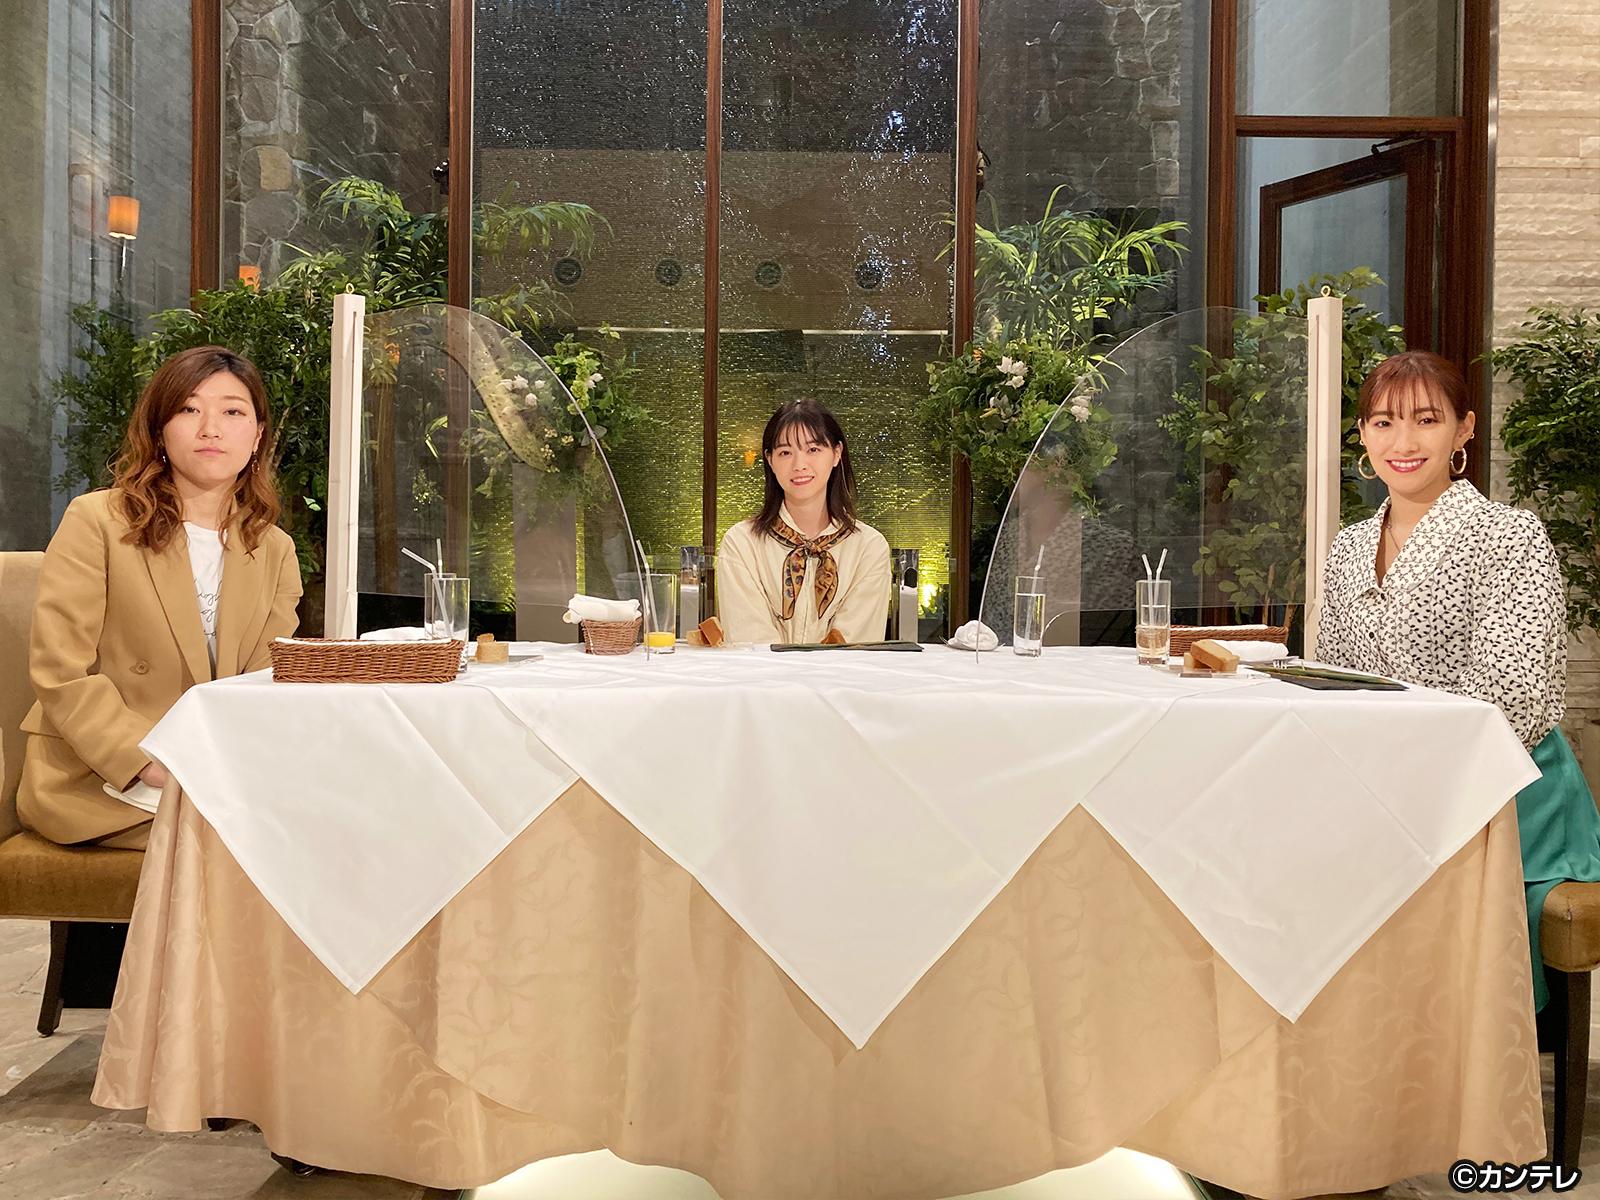 グータンヌーボ2/#106 中田クルミ×ヒコロヒー×西野七瀬 2021/03/09放送分